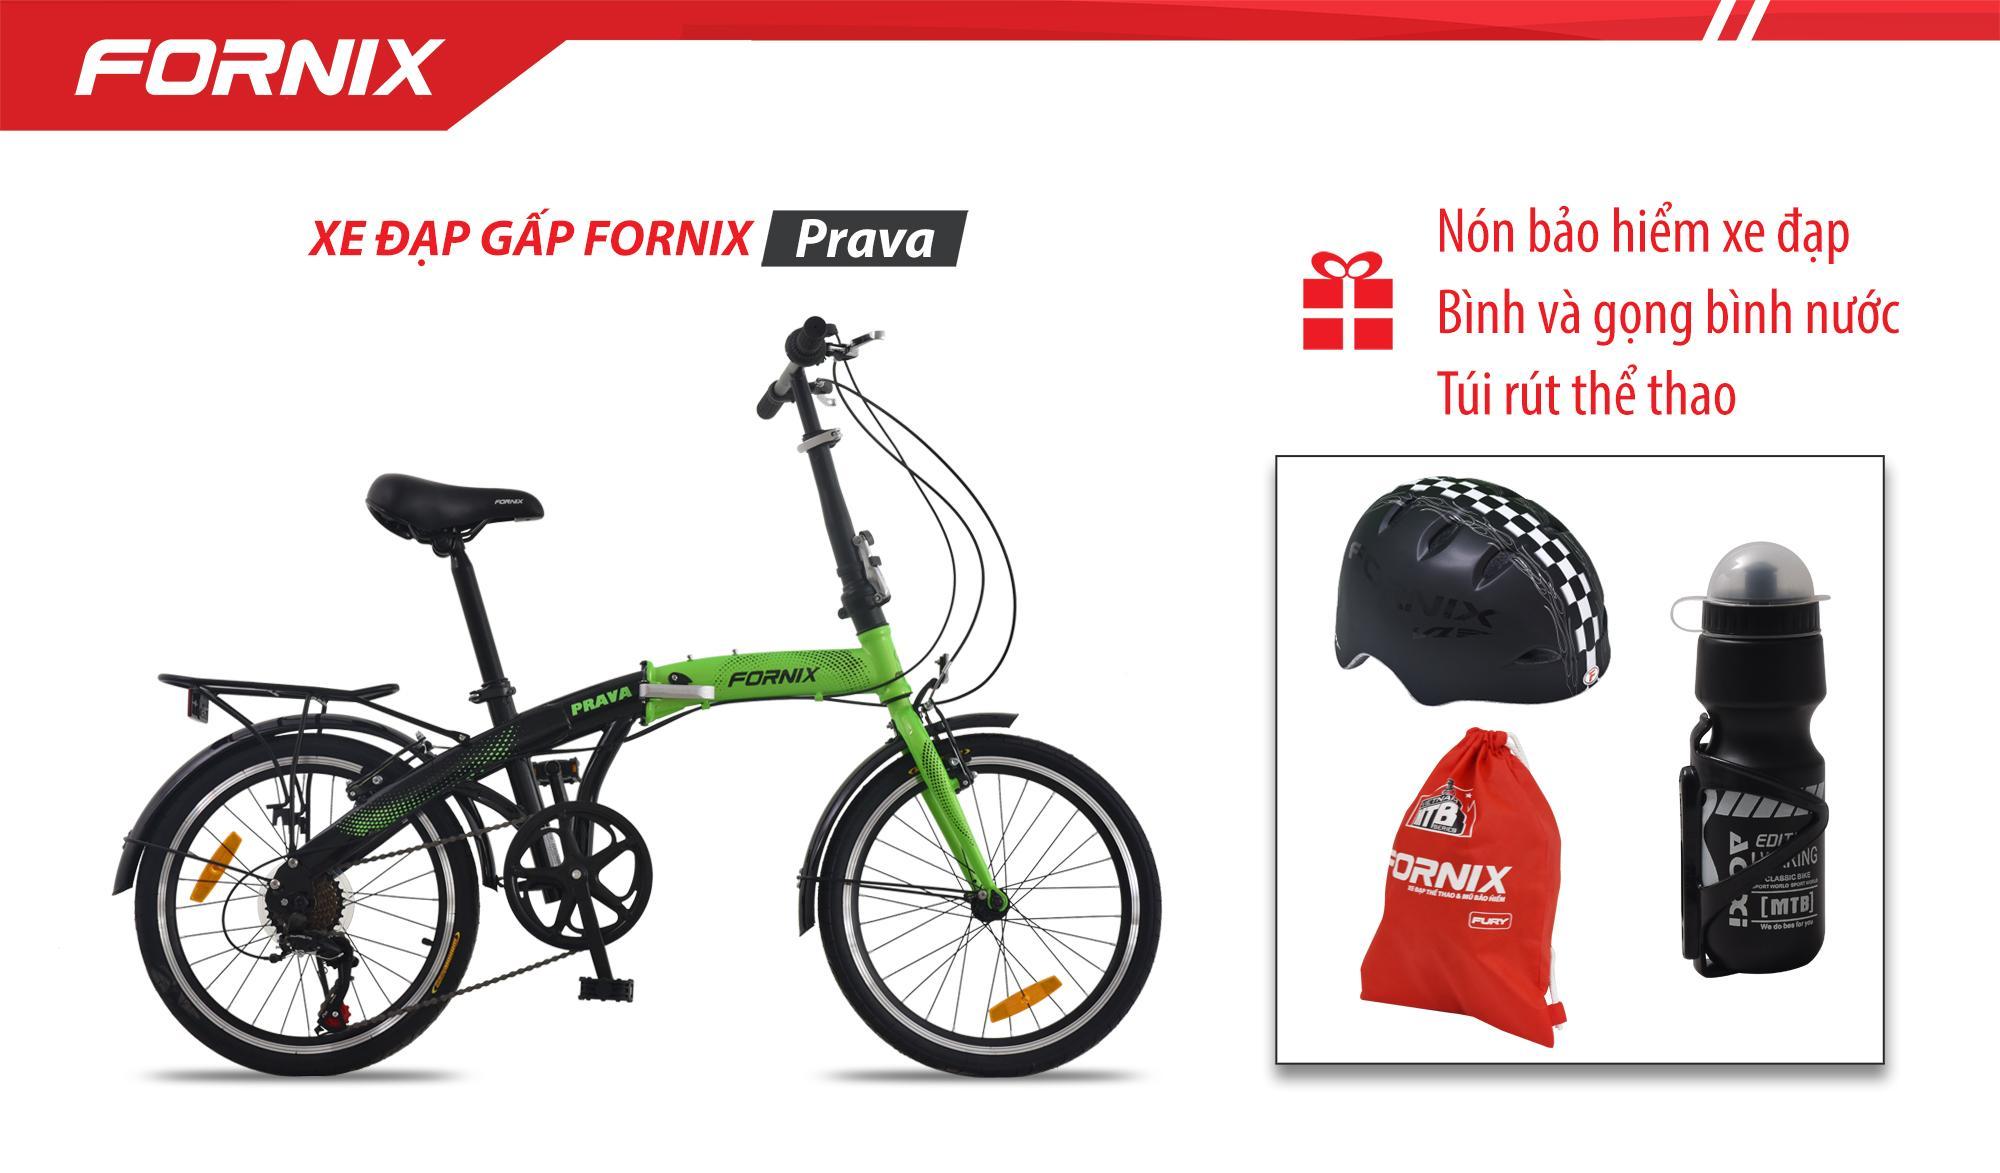 Mua Xe đạp gấp hiệu FORNIX, mã PRAVA (NEW)+ (Gift) Nón BH A01NV1 + Túi Fornix +Bình và gọng bình nước- Bảo hành 12 tháng